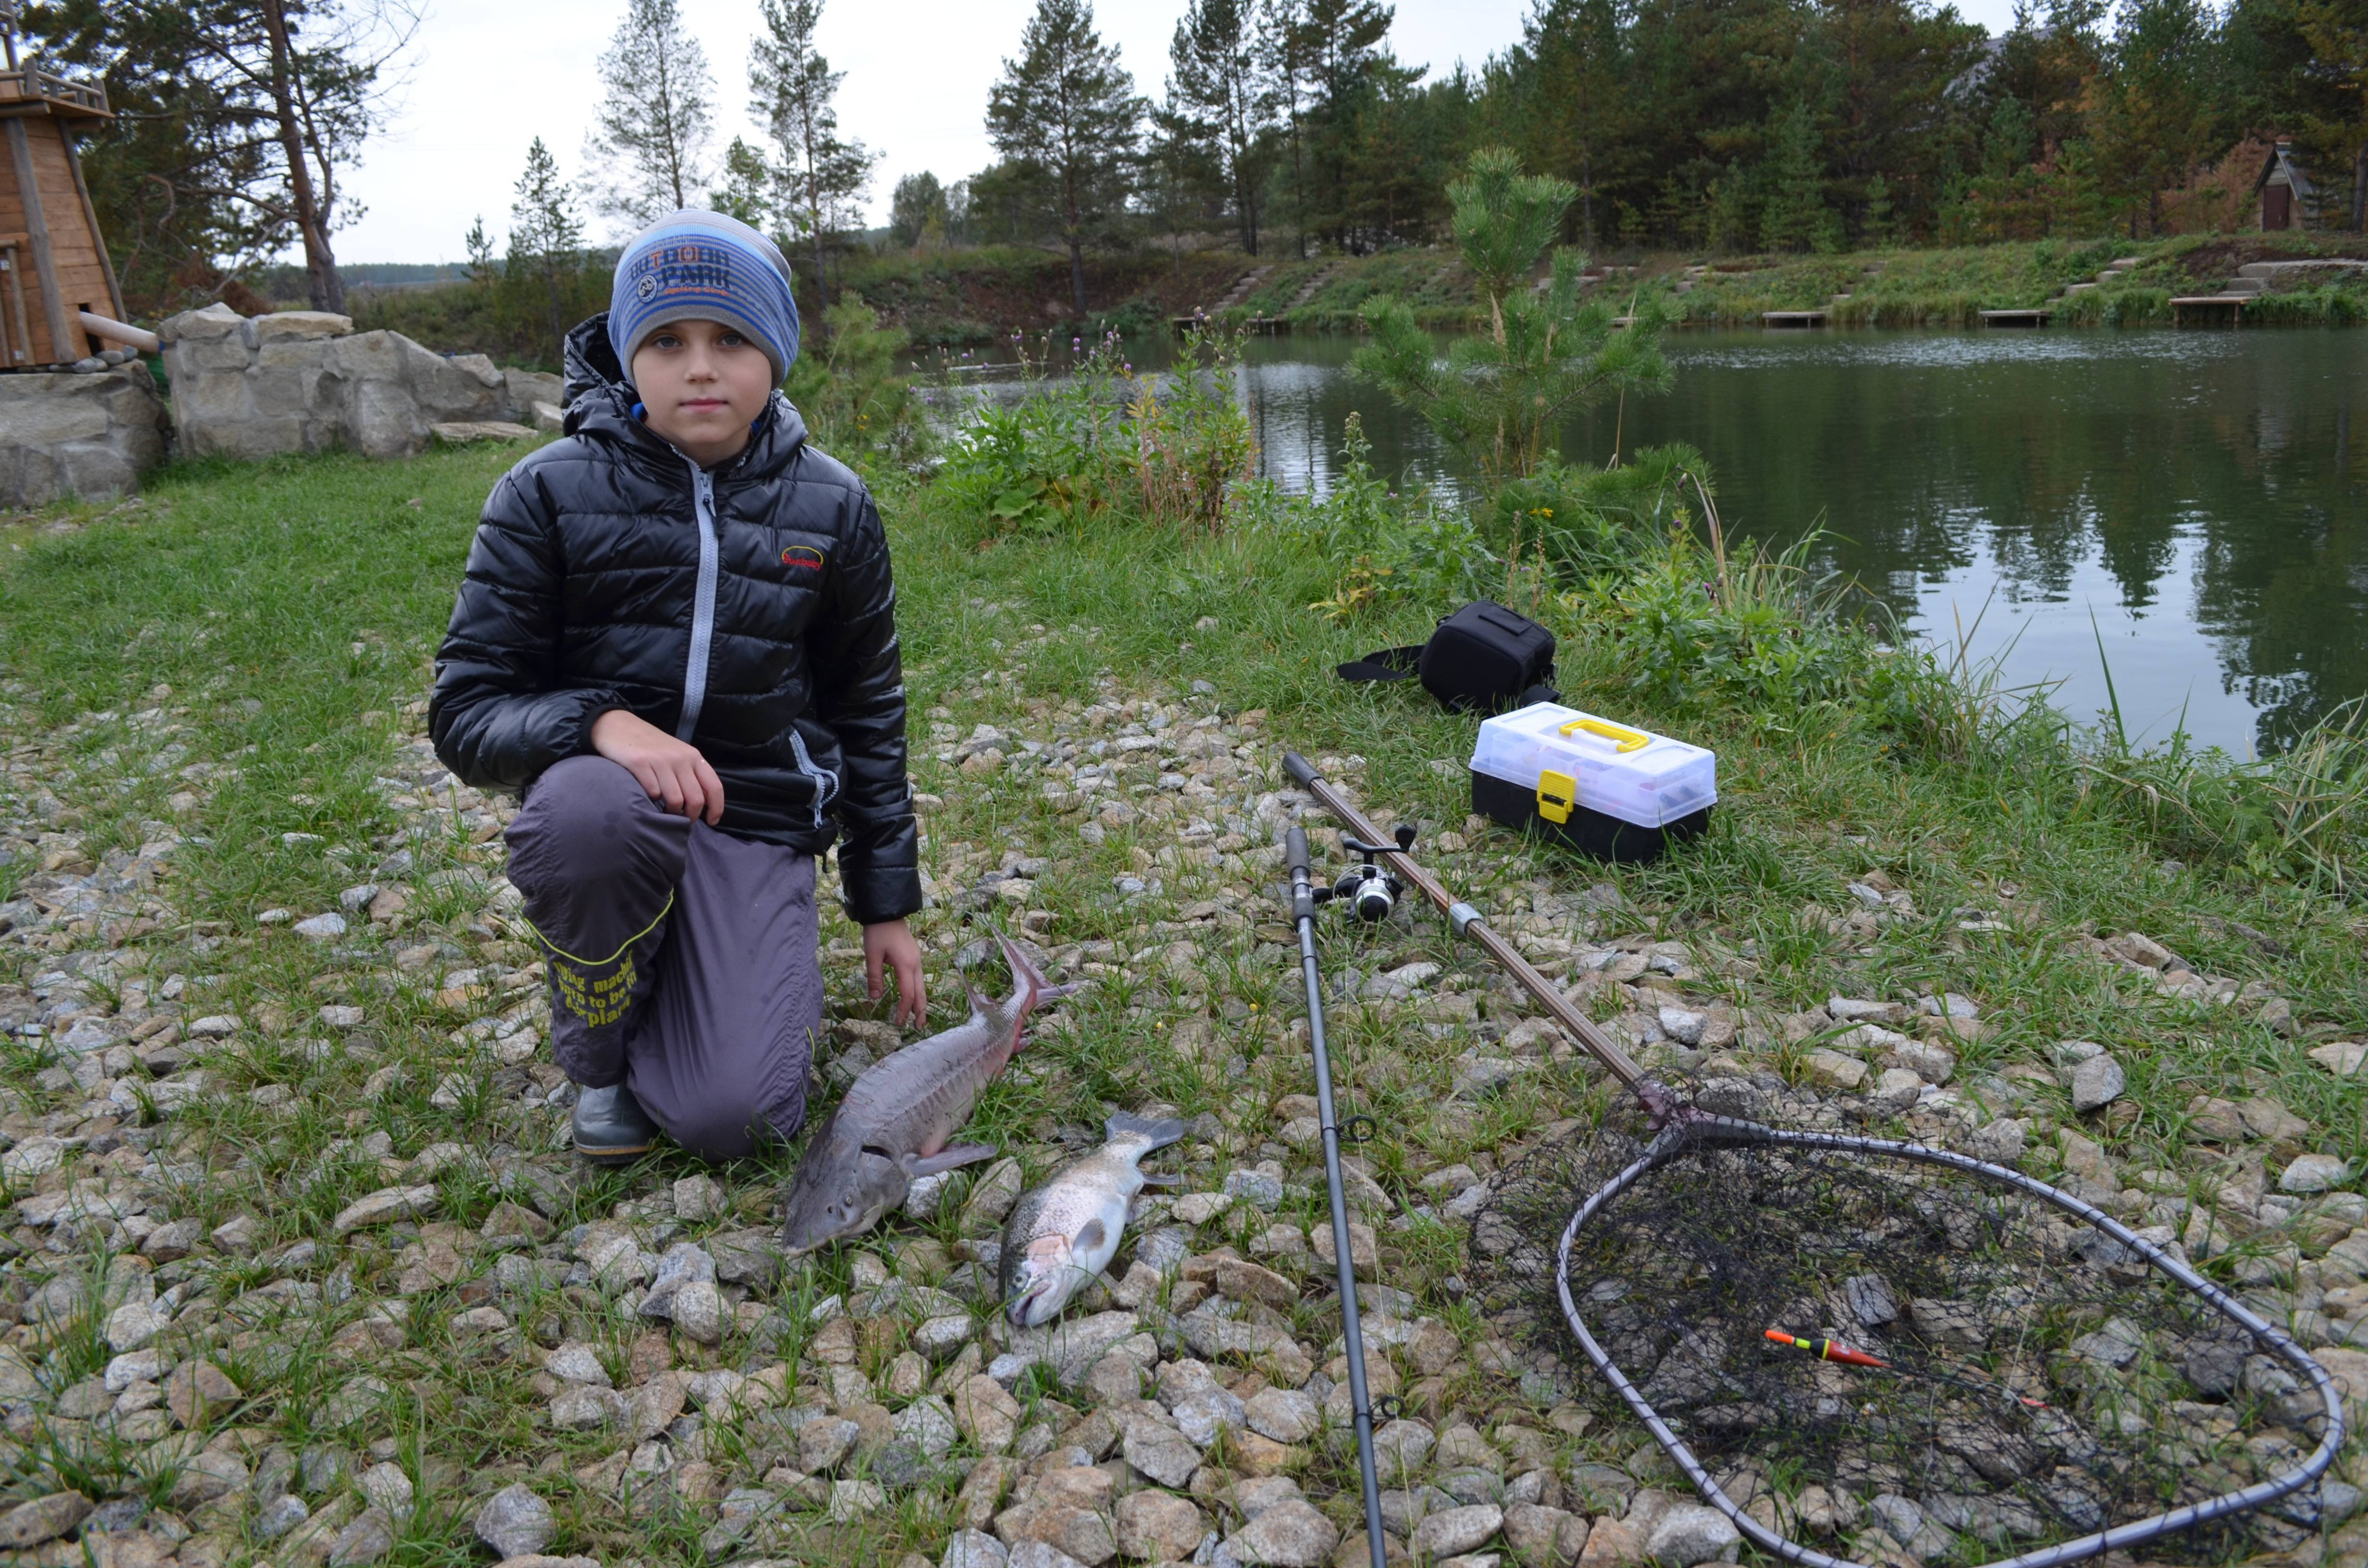 Озеро иртяш в челябинской области. базы отдыха, на карте, отзывы, отдых на озере, рыбалка 2019, фото, видео, как добраться – туристер. ру